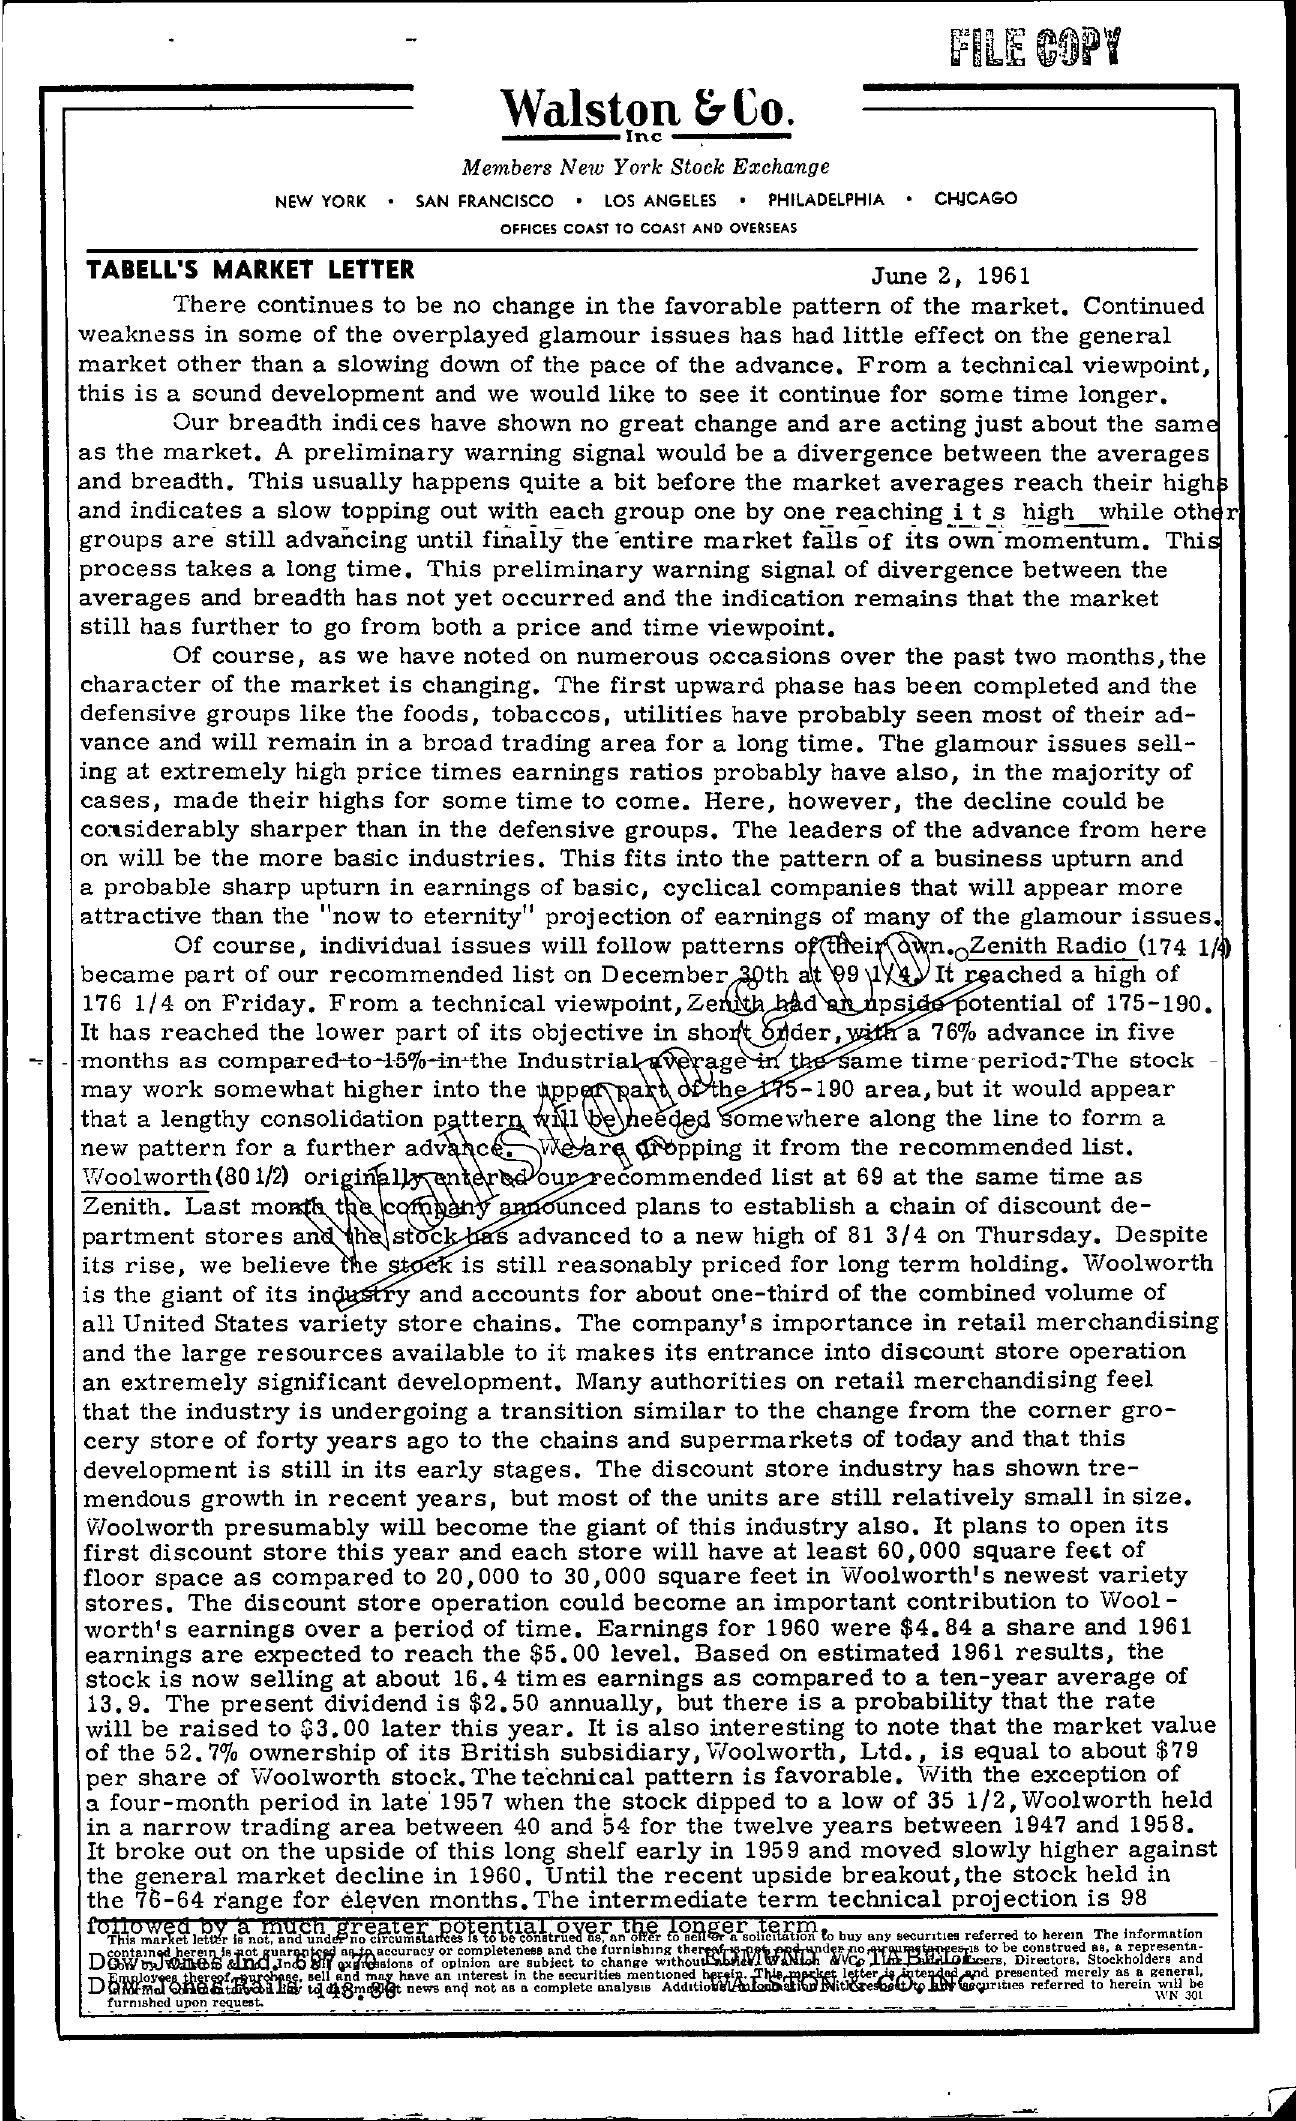 Tabell's Market Letter - June 02, 1961